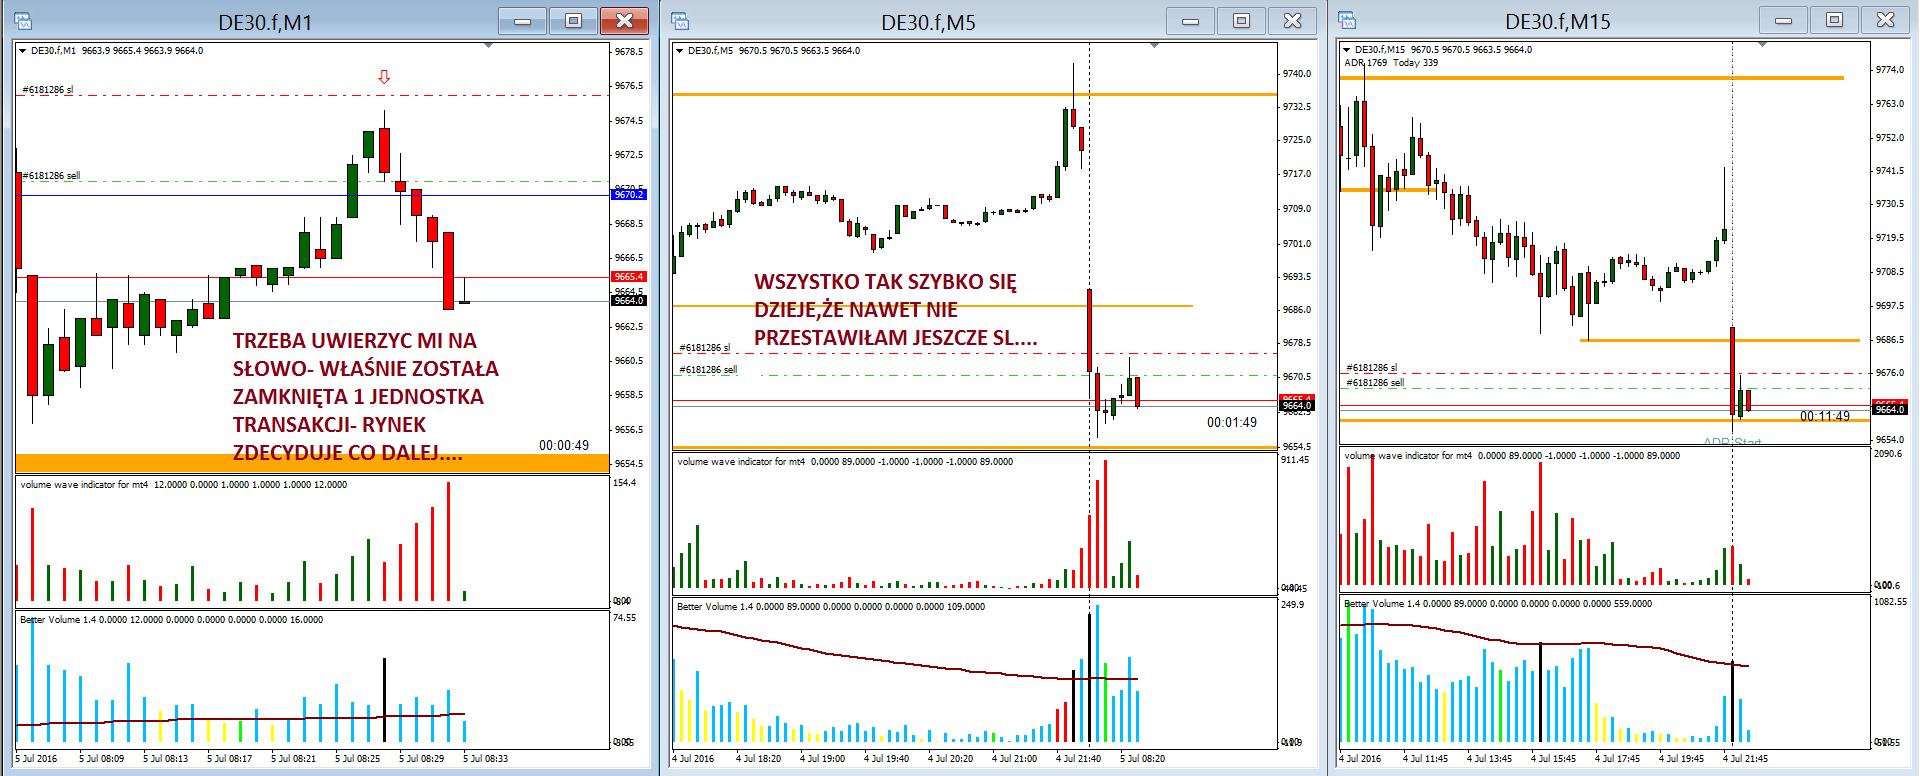 3-forex-skuteczna strategia-myforex-trader-trading-waluty-dax-prosta strategia tradingowa-broker-sukces-wolumen-vsa-świec japońskie-formacje świecowe-poziomy fibo-scalping